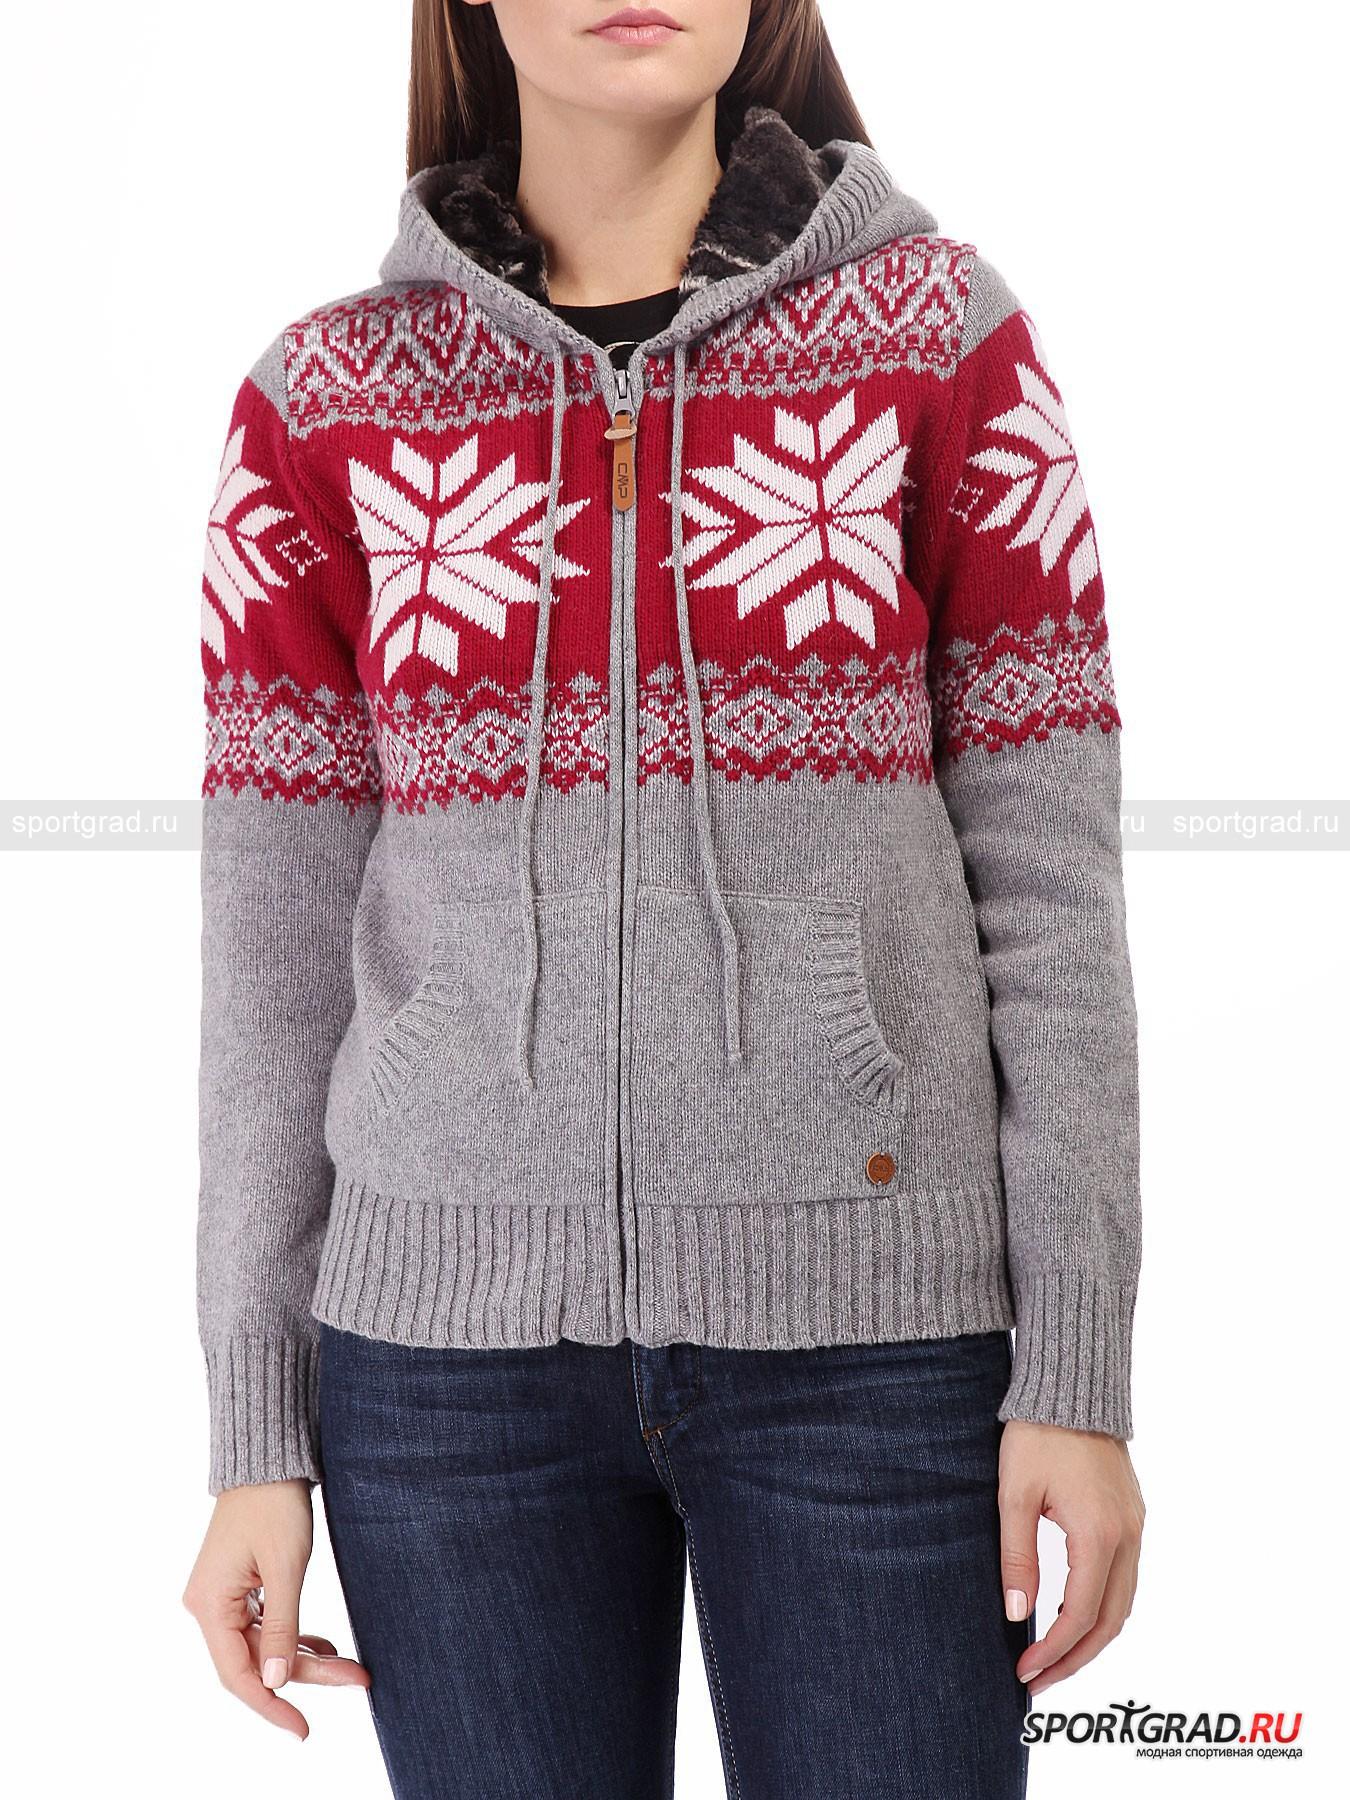 Кардиган на молнии женский Knitted Pullover CAMPAGNOLO